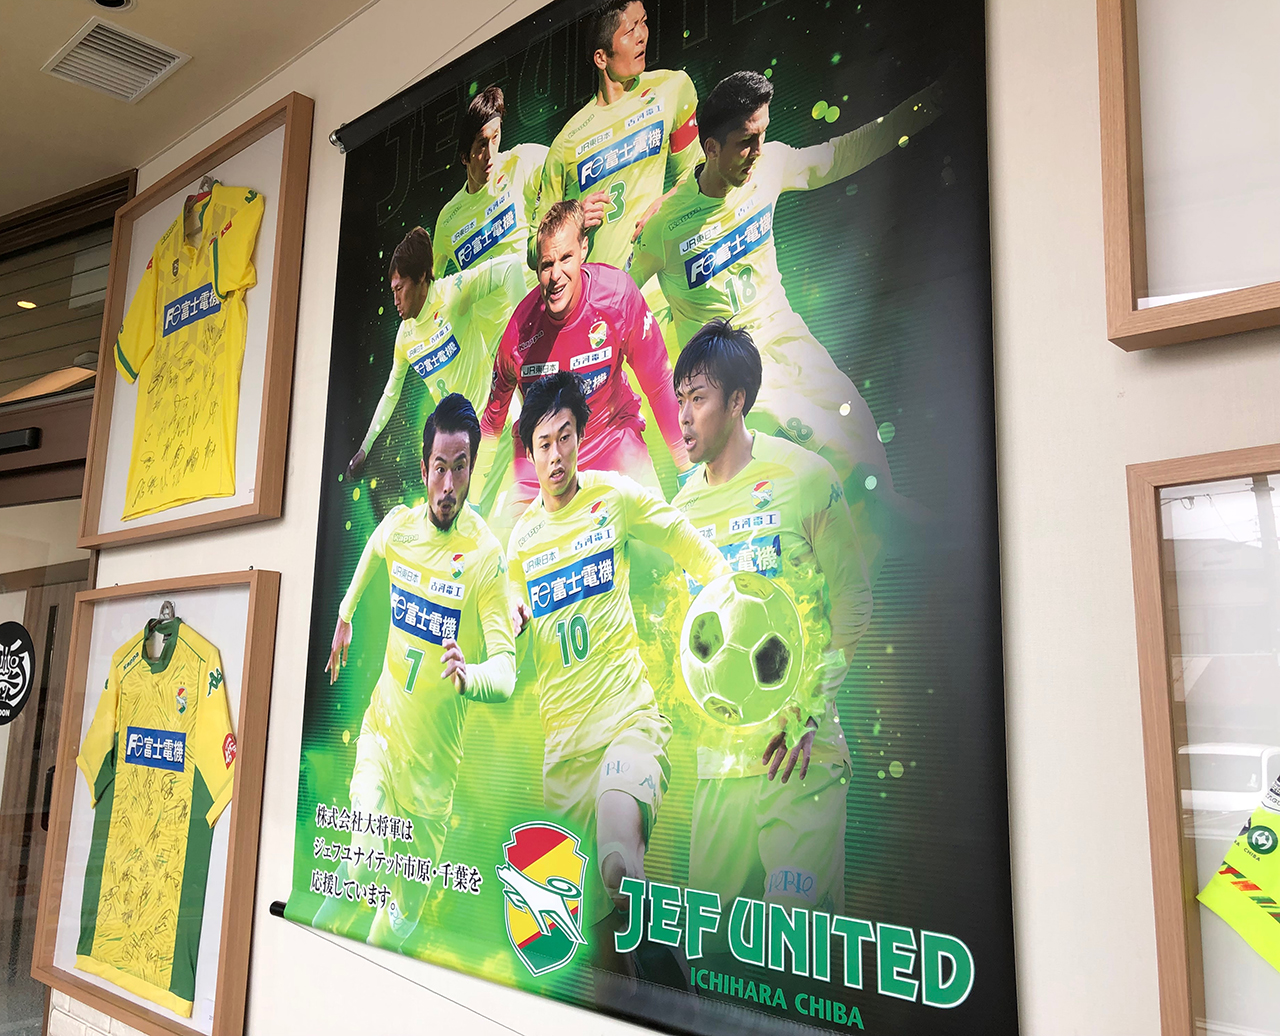 店内に飾られたジェフユナイテッドのポスター